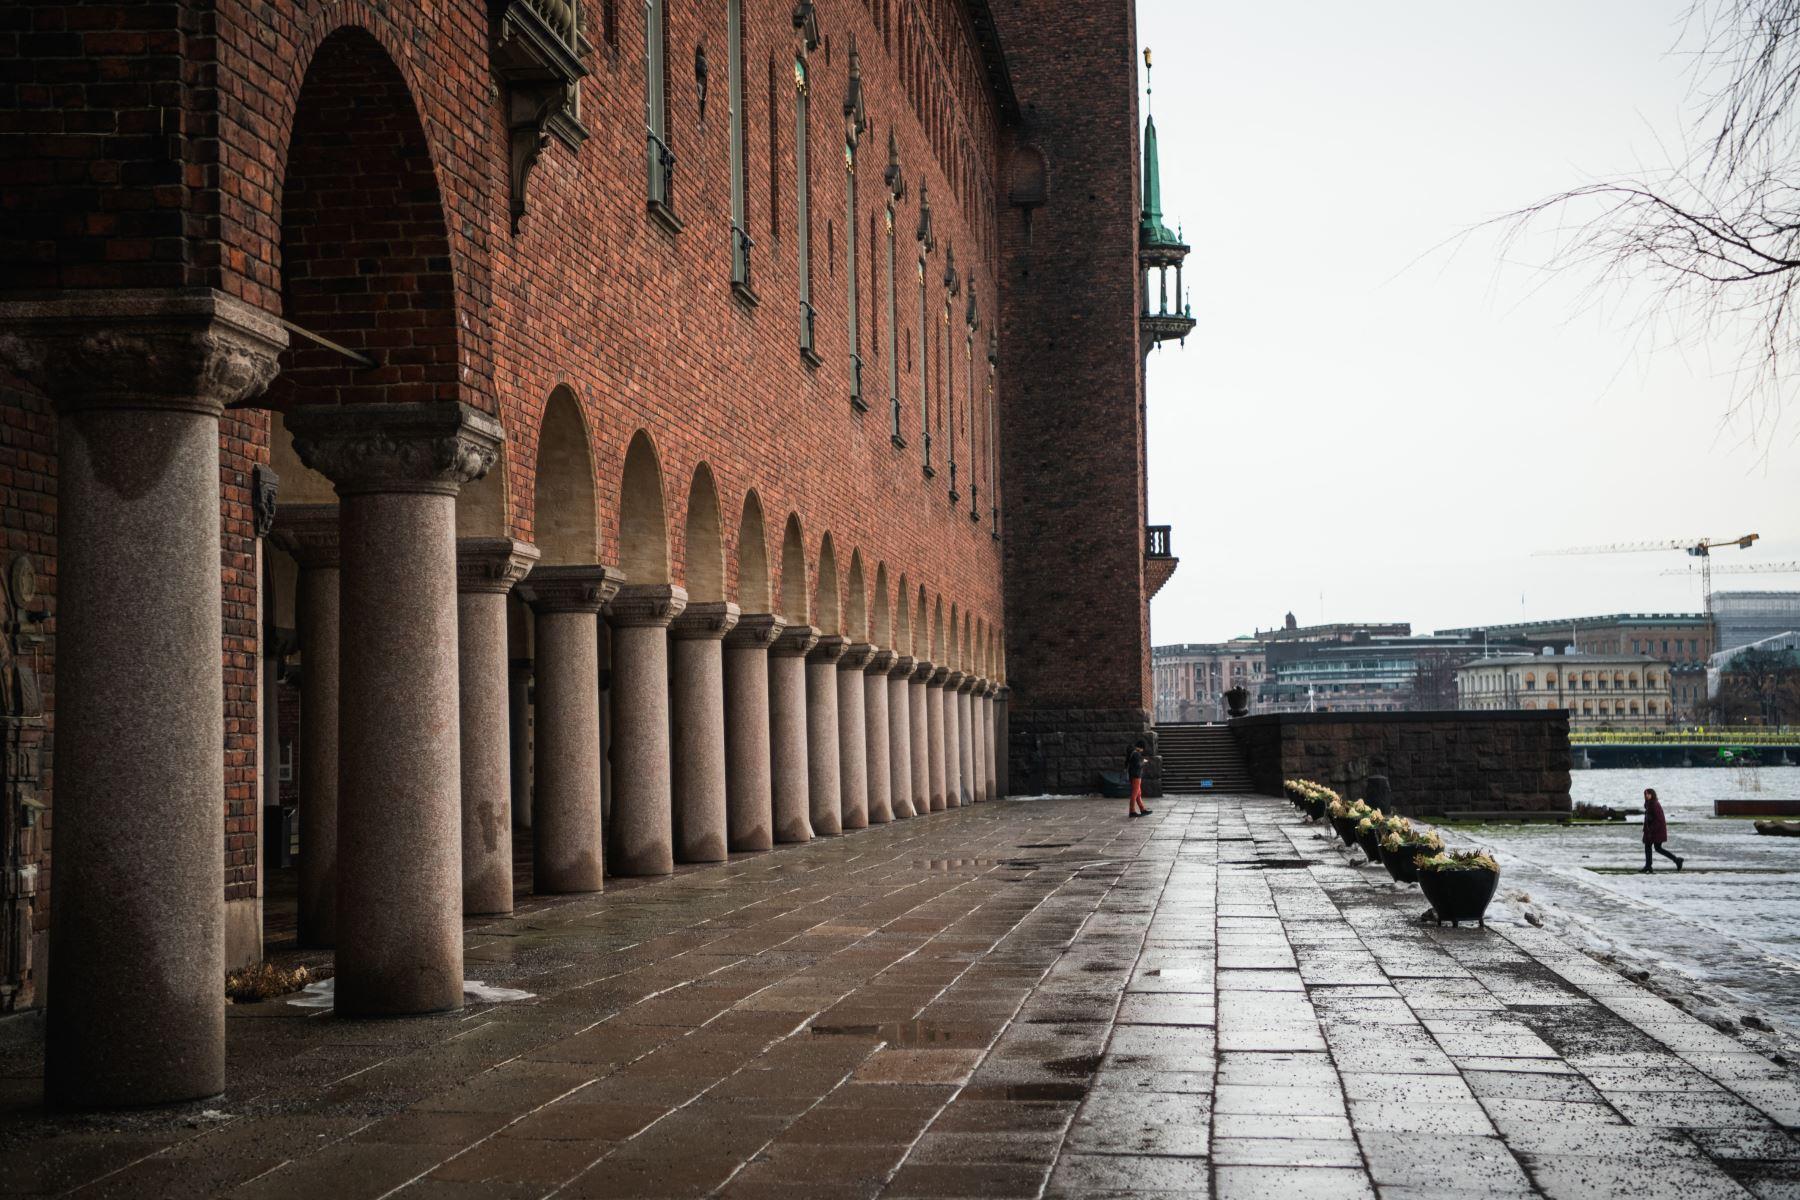 Vista del Ayuntamiento de Estocolmo, conocido como sede de los banquetes del Premio Nobel y convertido ahora en un centro de vacunación covid-19  en la capital de Suecia, en medio de la nueva pandemia de coronavirus. Foto: AFP